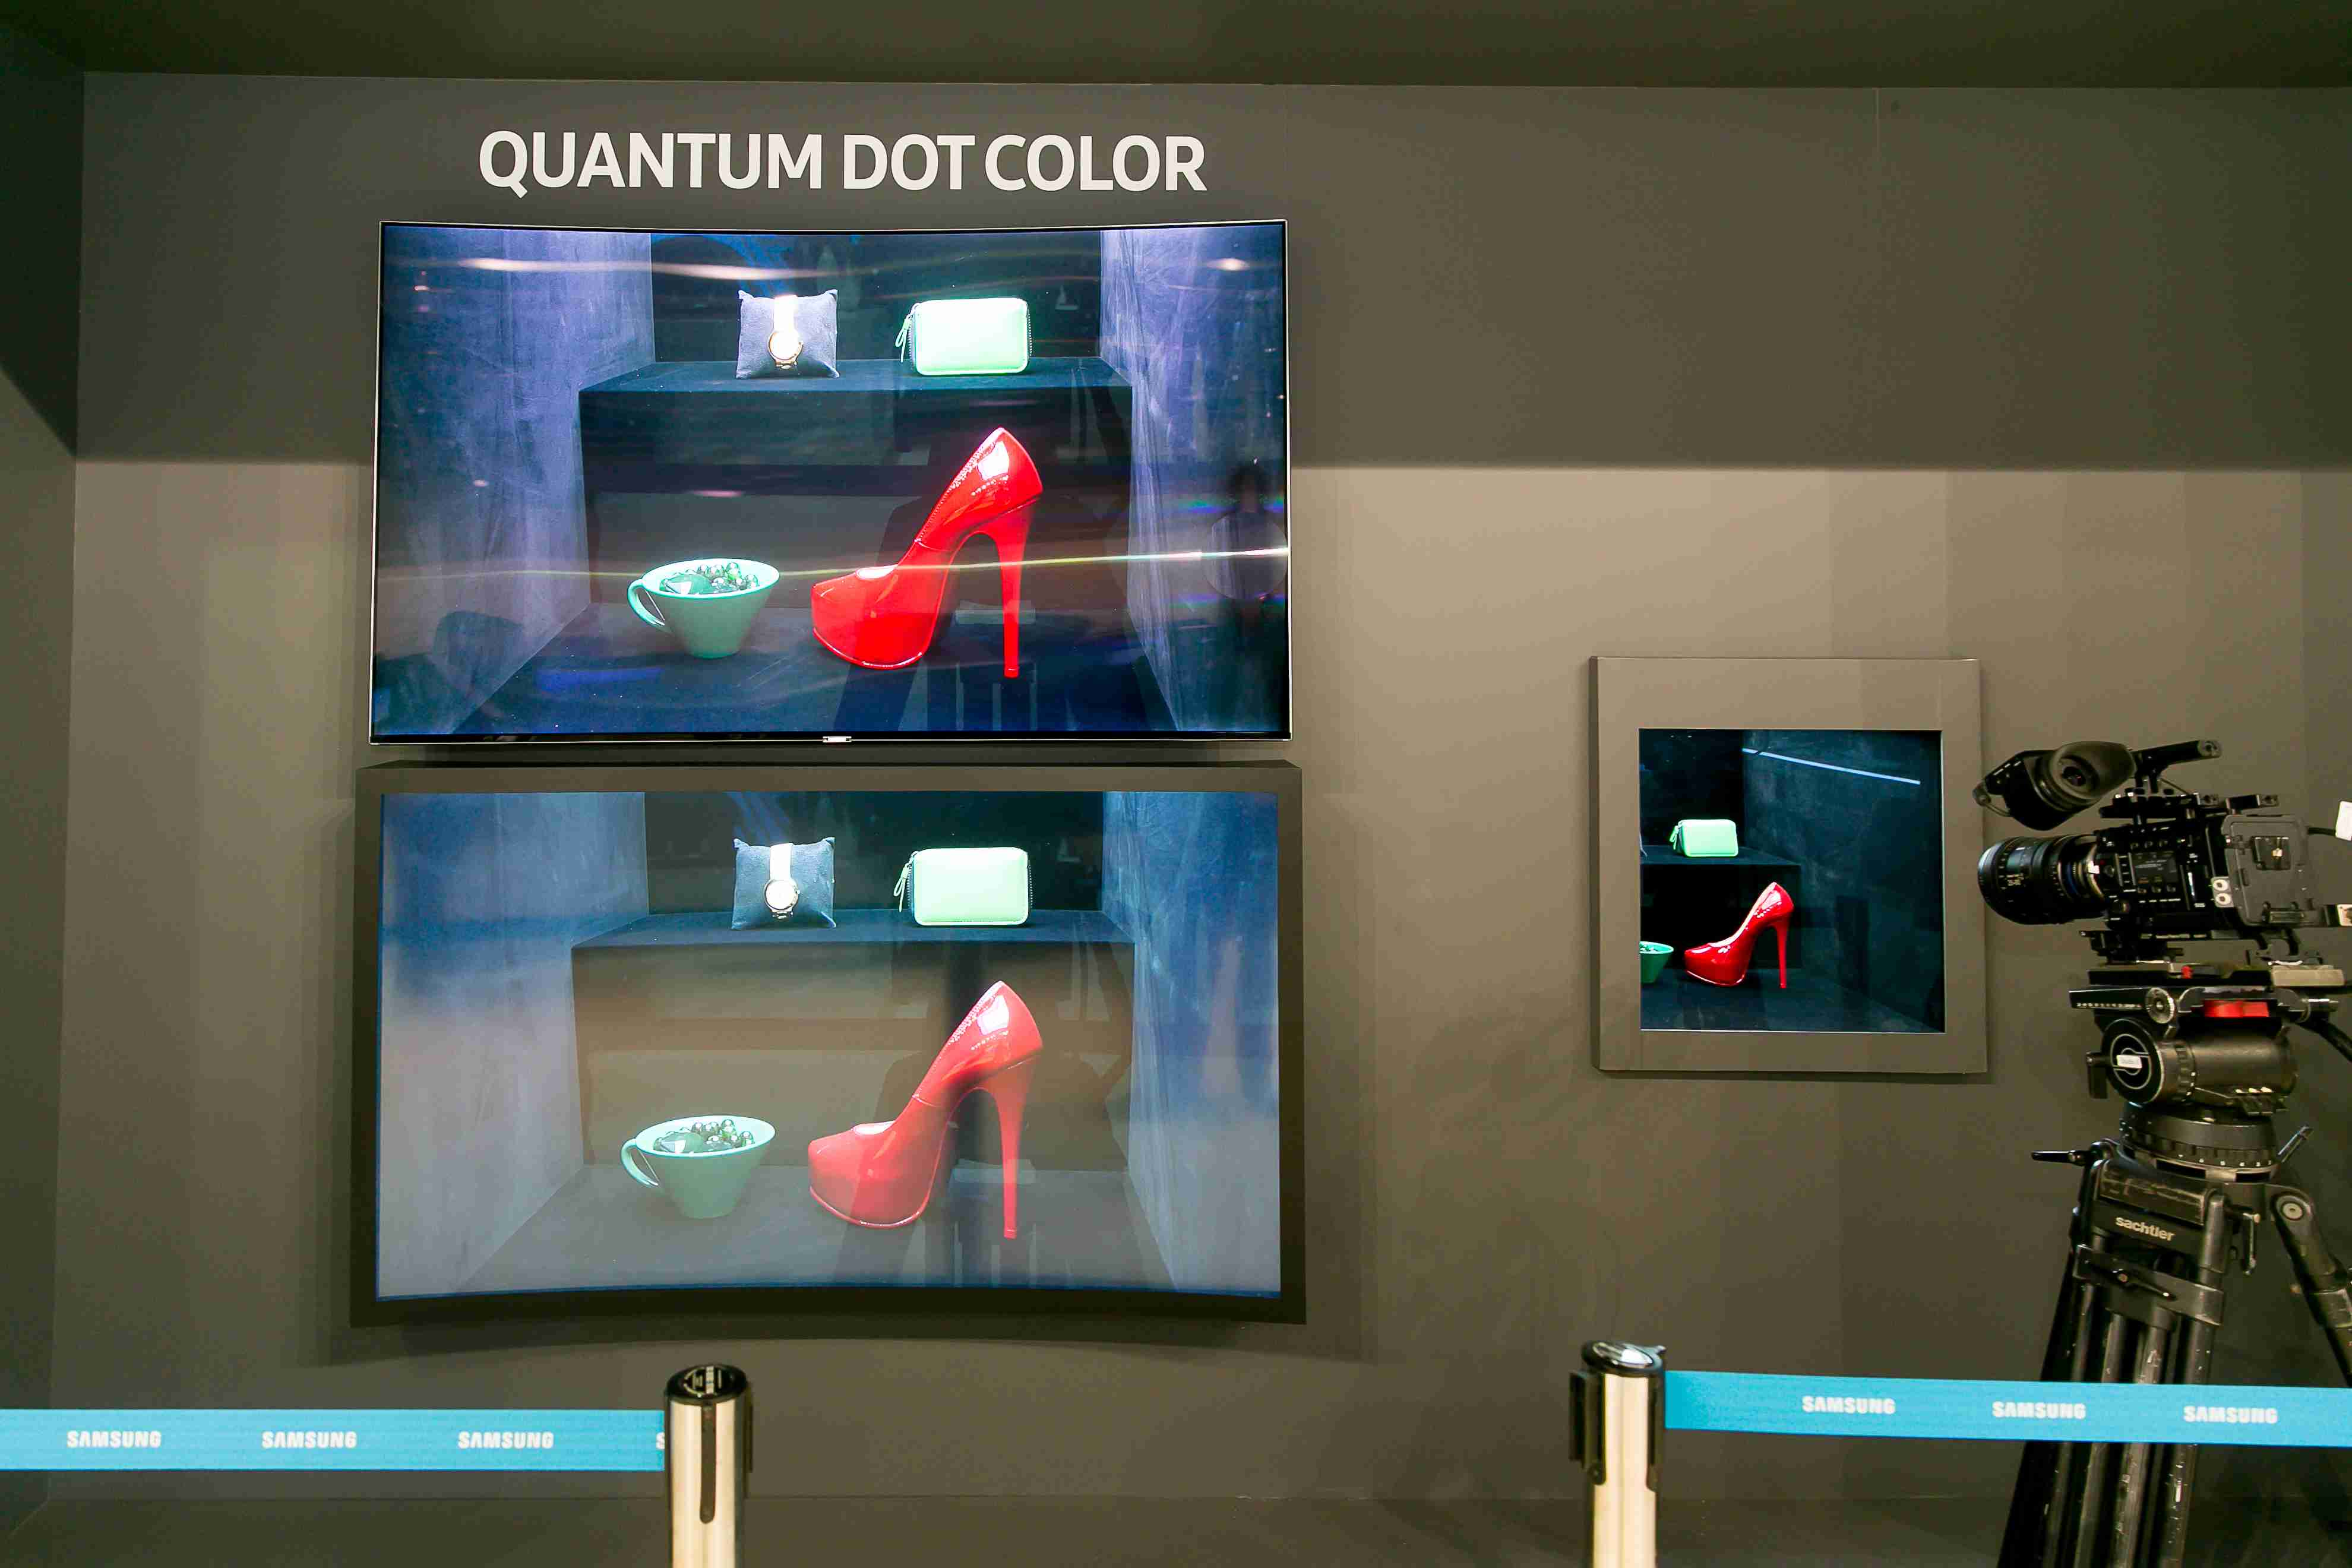 A tu je porovnanie obrazu televízora s technológiou Quantum Dot a bez nej. Vpravo vidíte snímaný obraz